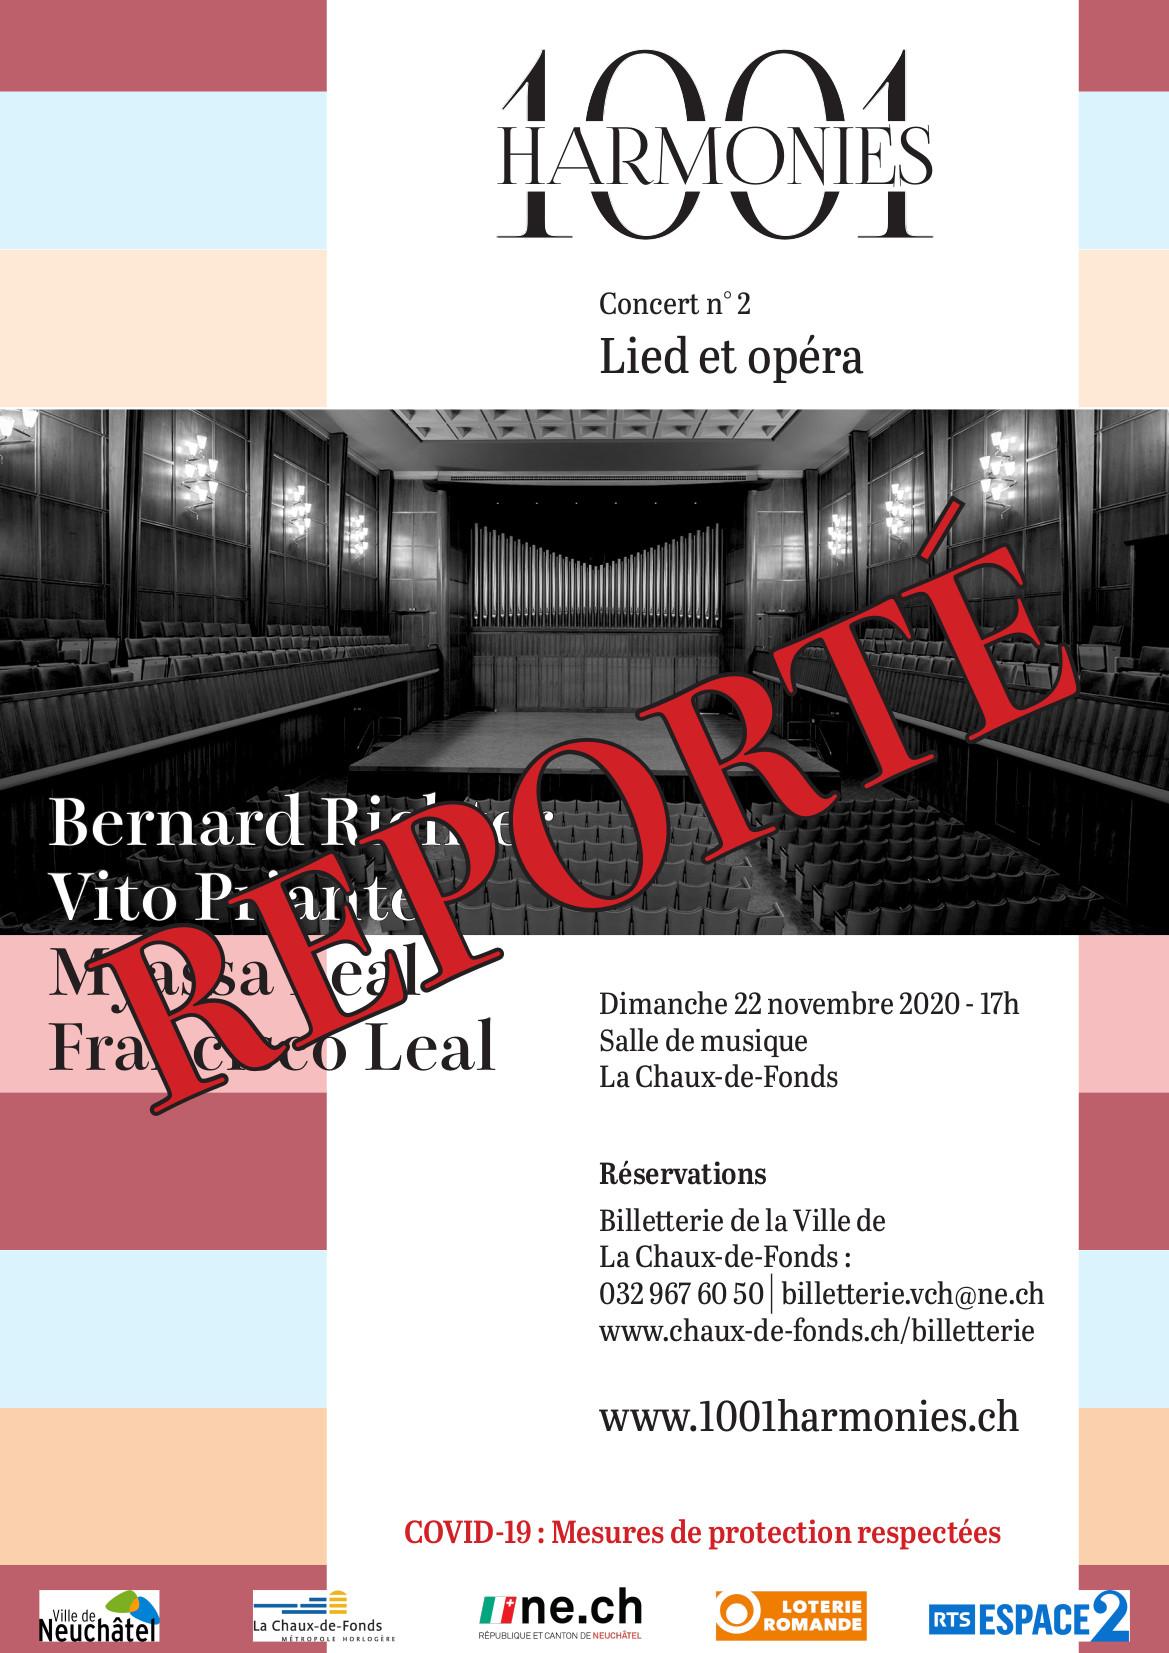 Concert 2 reporté